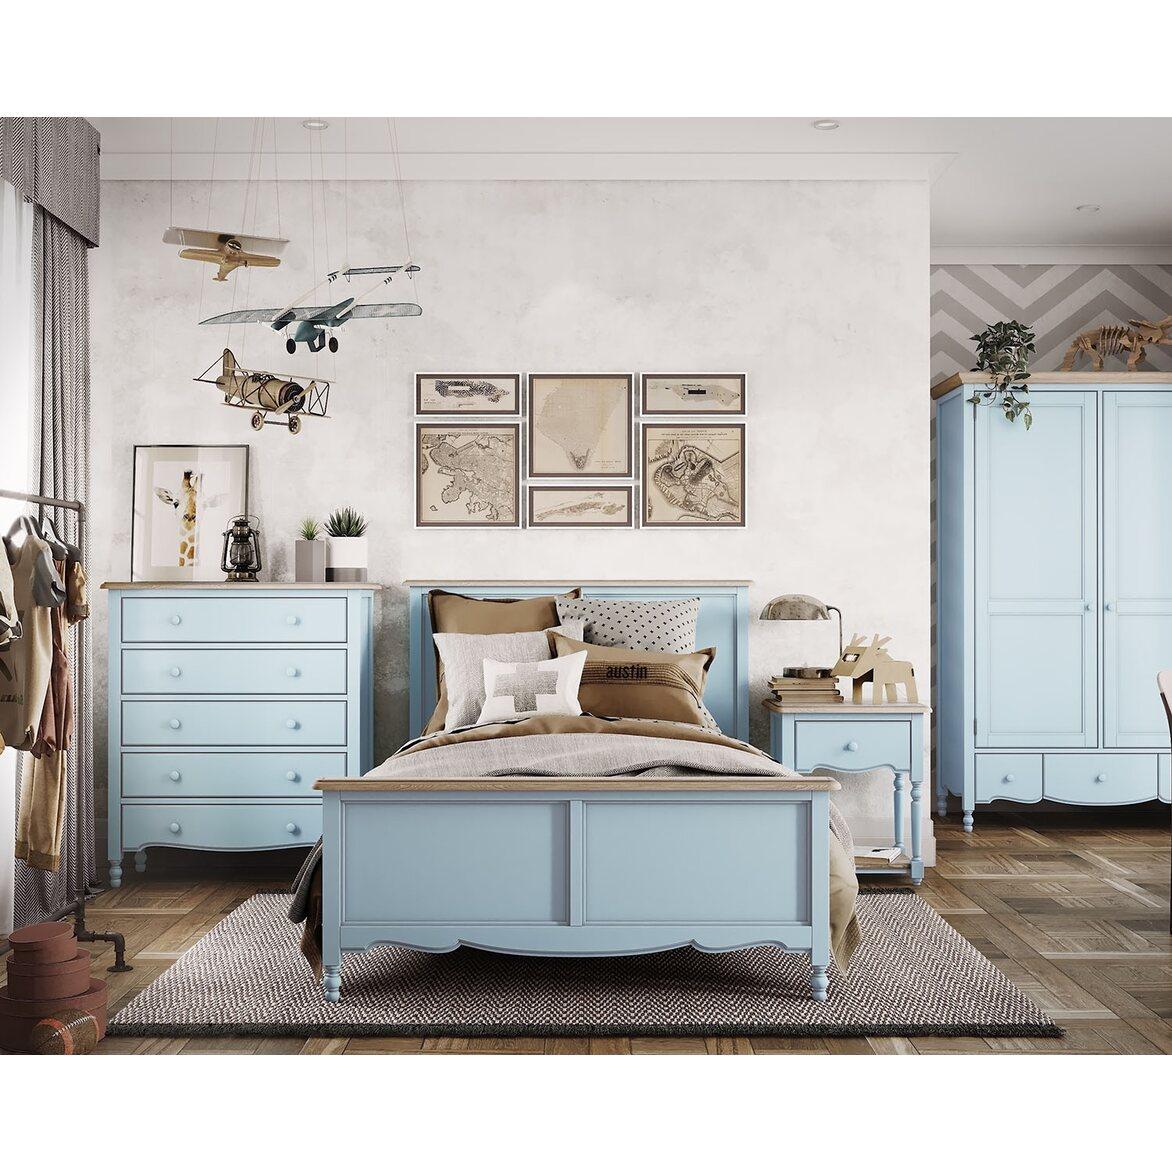 Письменный стол с 3-я ящиками Leblanc, голубой 3 | Письменные столы Kingsby